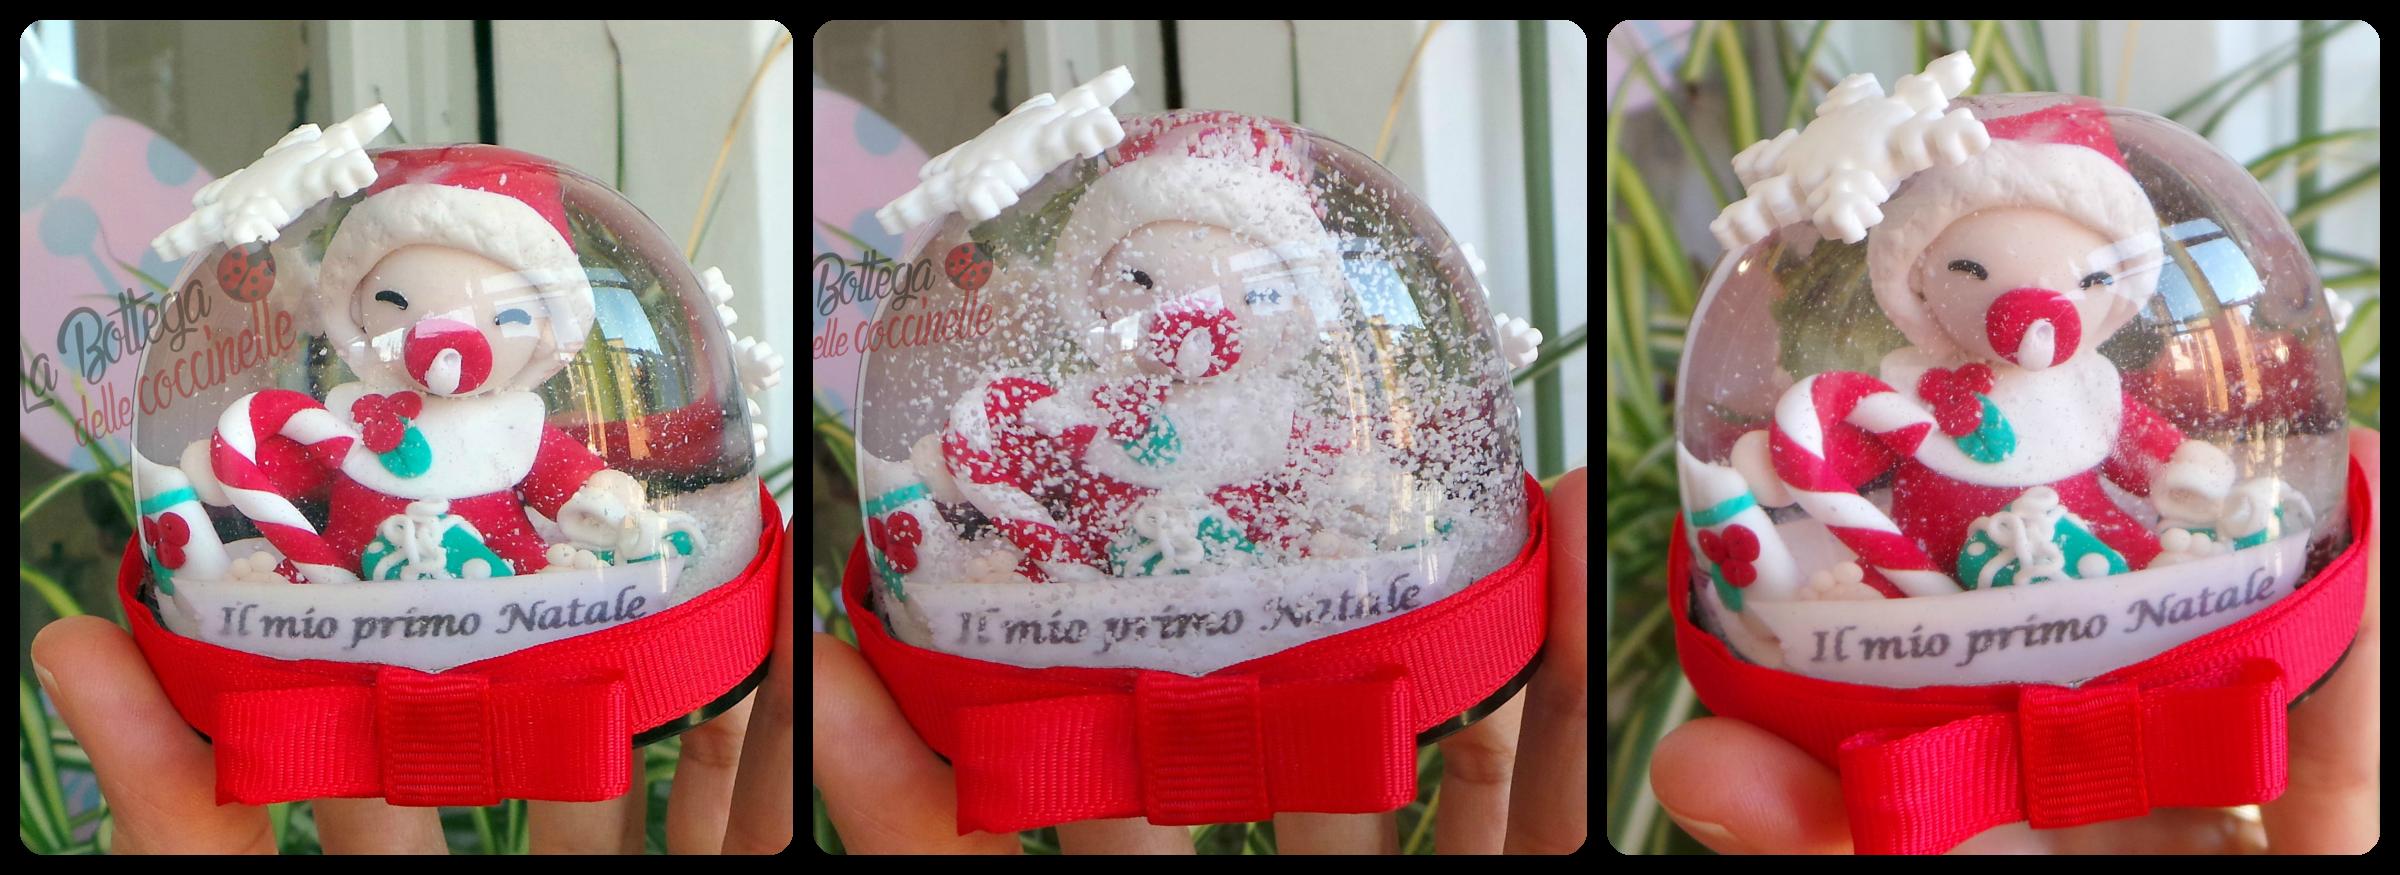 Popolare decorazioni di Natale handmade personalizzate PB21